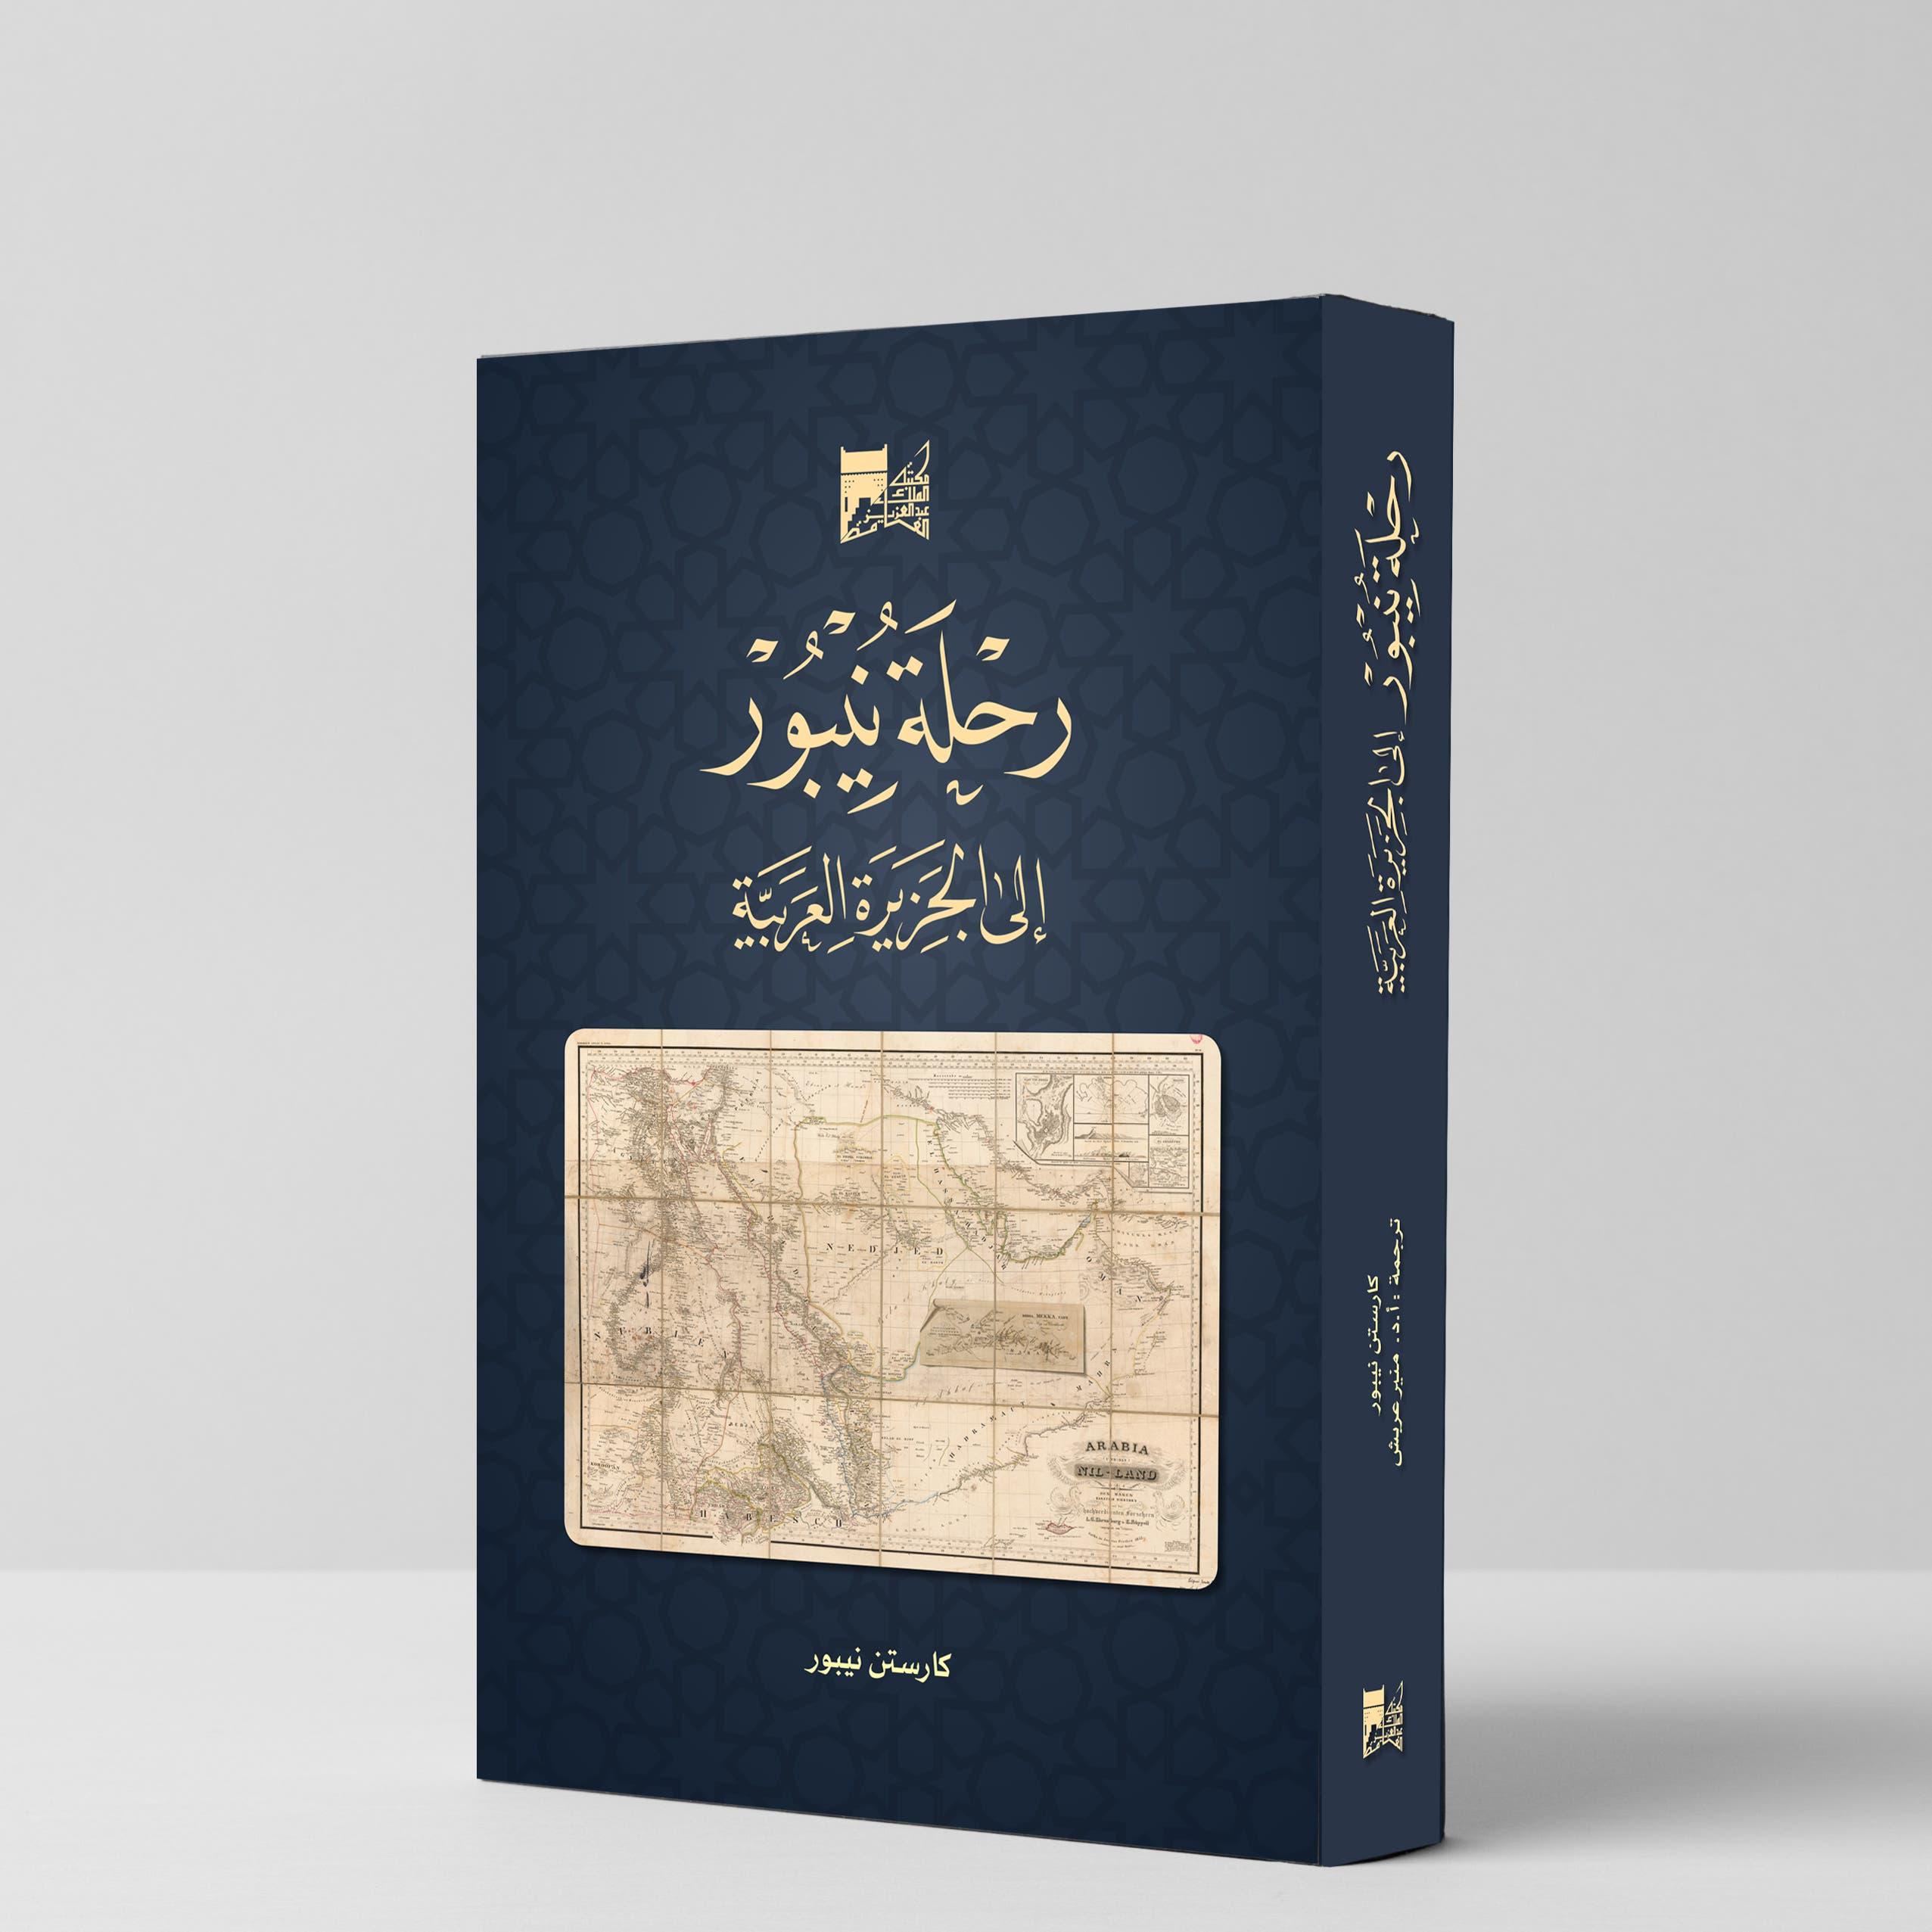 """أول وصف علمي لـ""""جزيرة العرب"""".. رحالة أوروبي يشرح"""